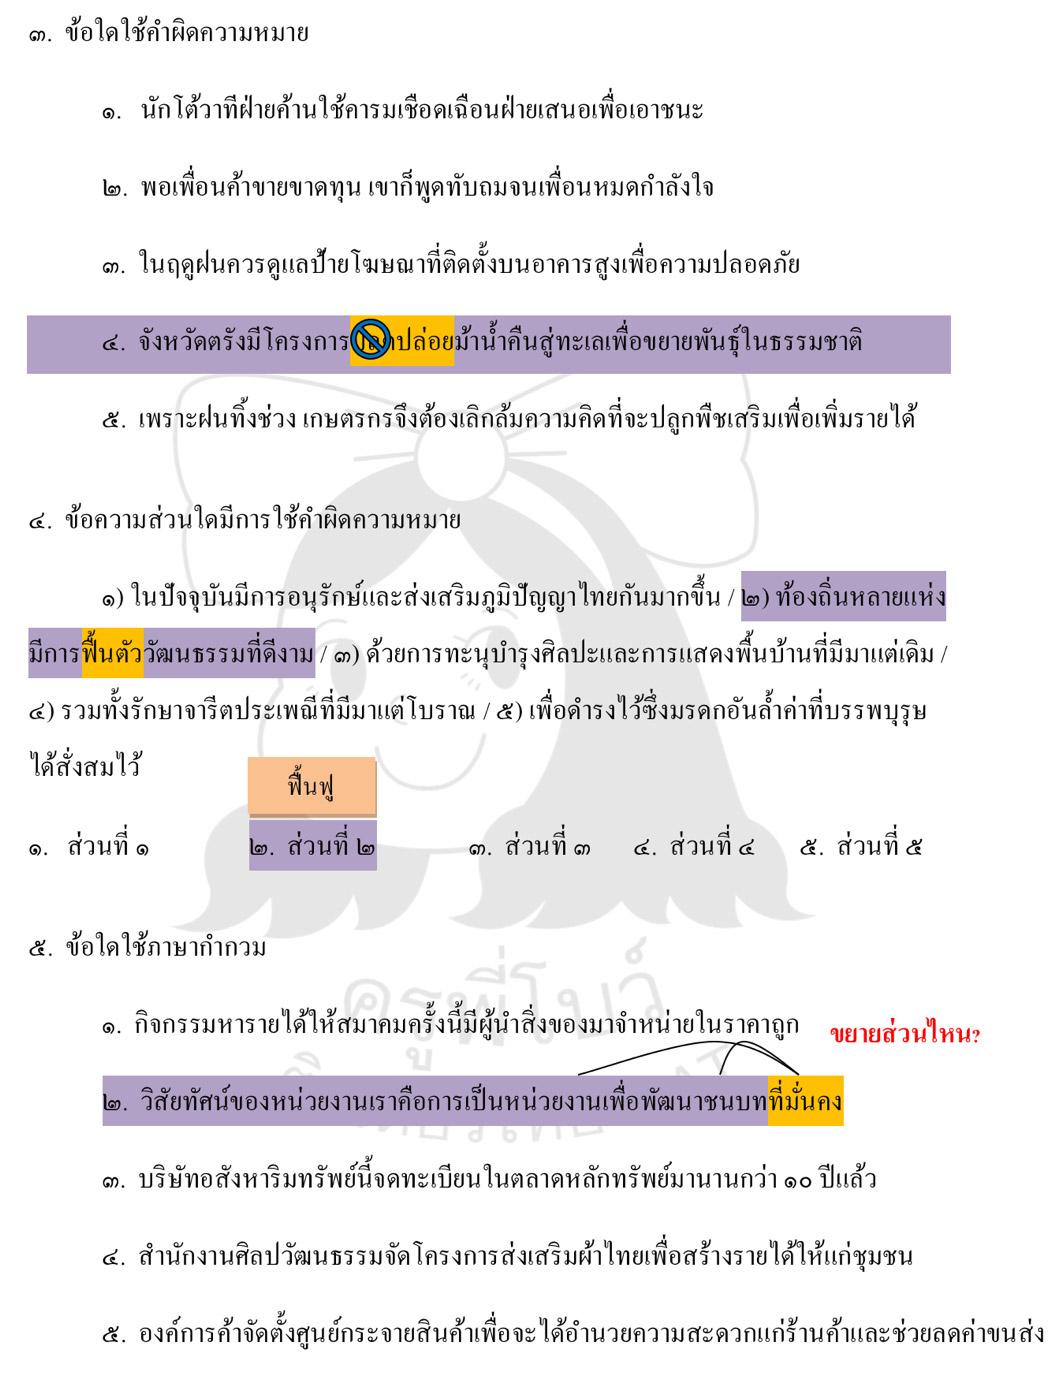 ข้อใดใช้คำผิดความหมาย เฉลยข้อสอบ 9 วิชาสามัญ วิชาภาษาไทยปี 2560